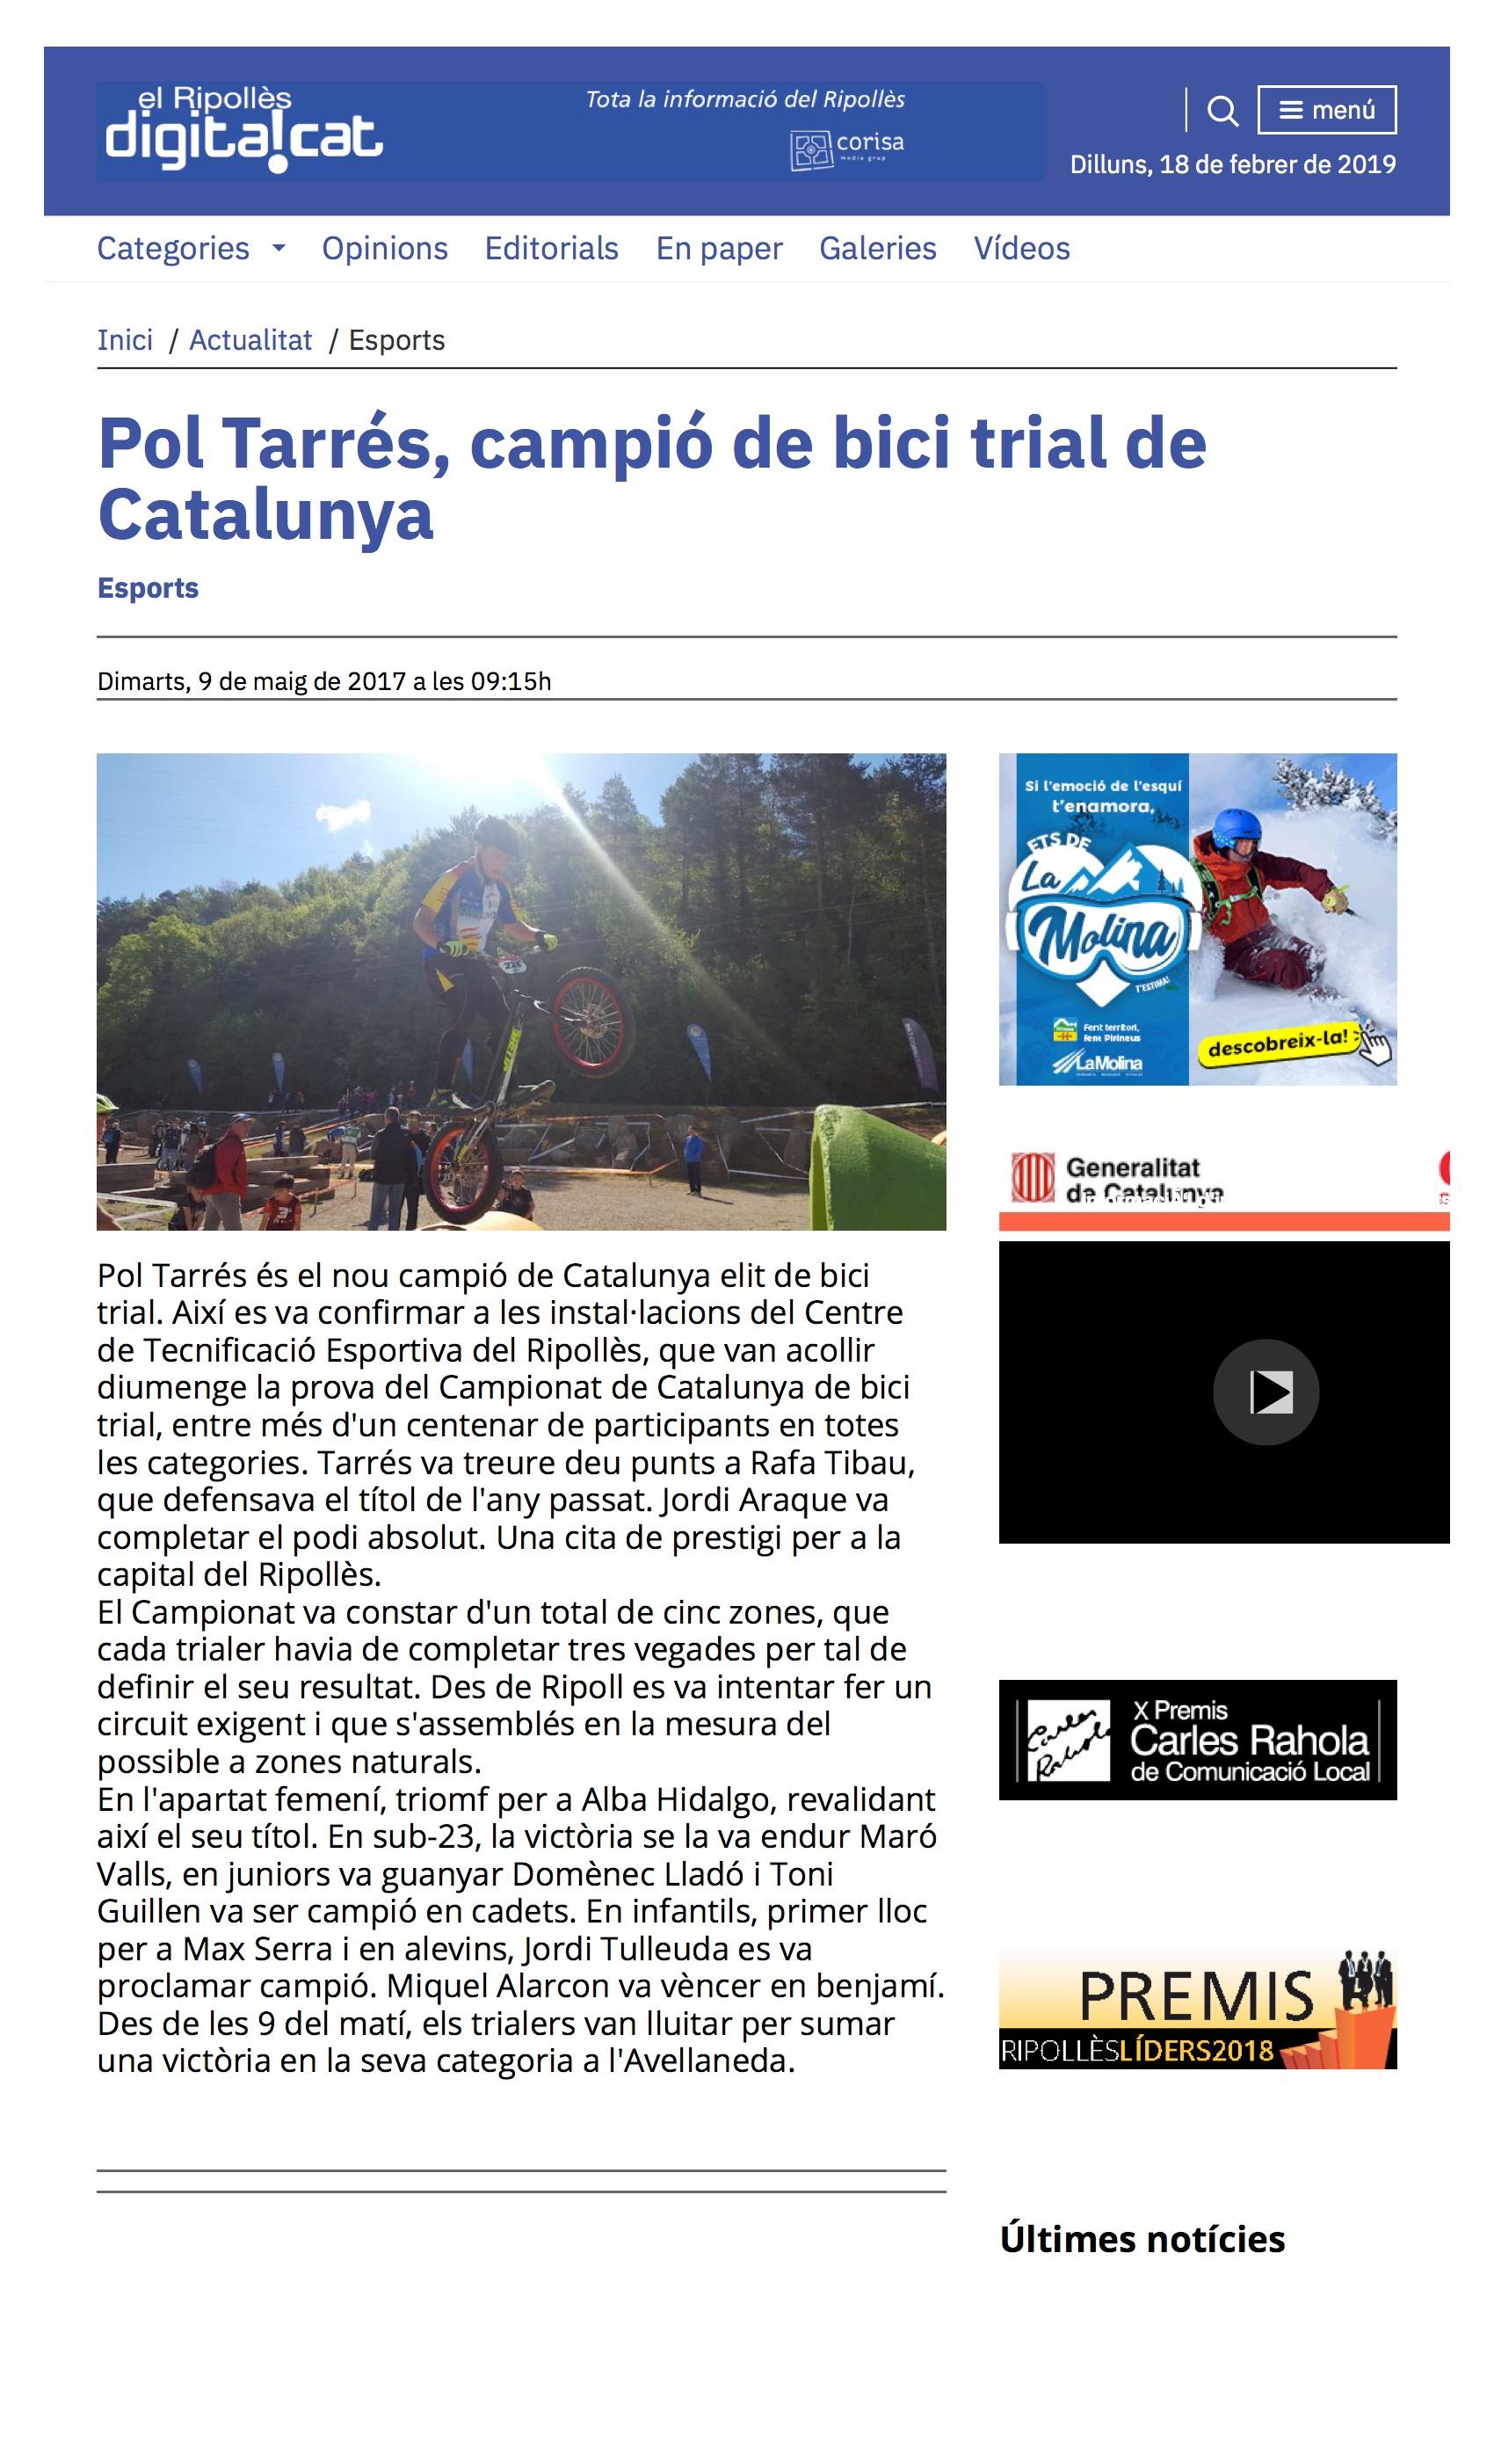 2017-5-9 Pol Tarrés, campió de bici trial de Catalunya - Ripollès Digital 5.jpeg